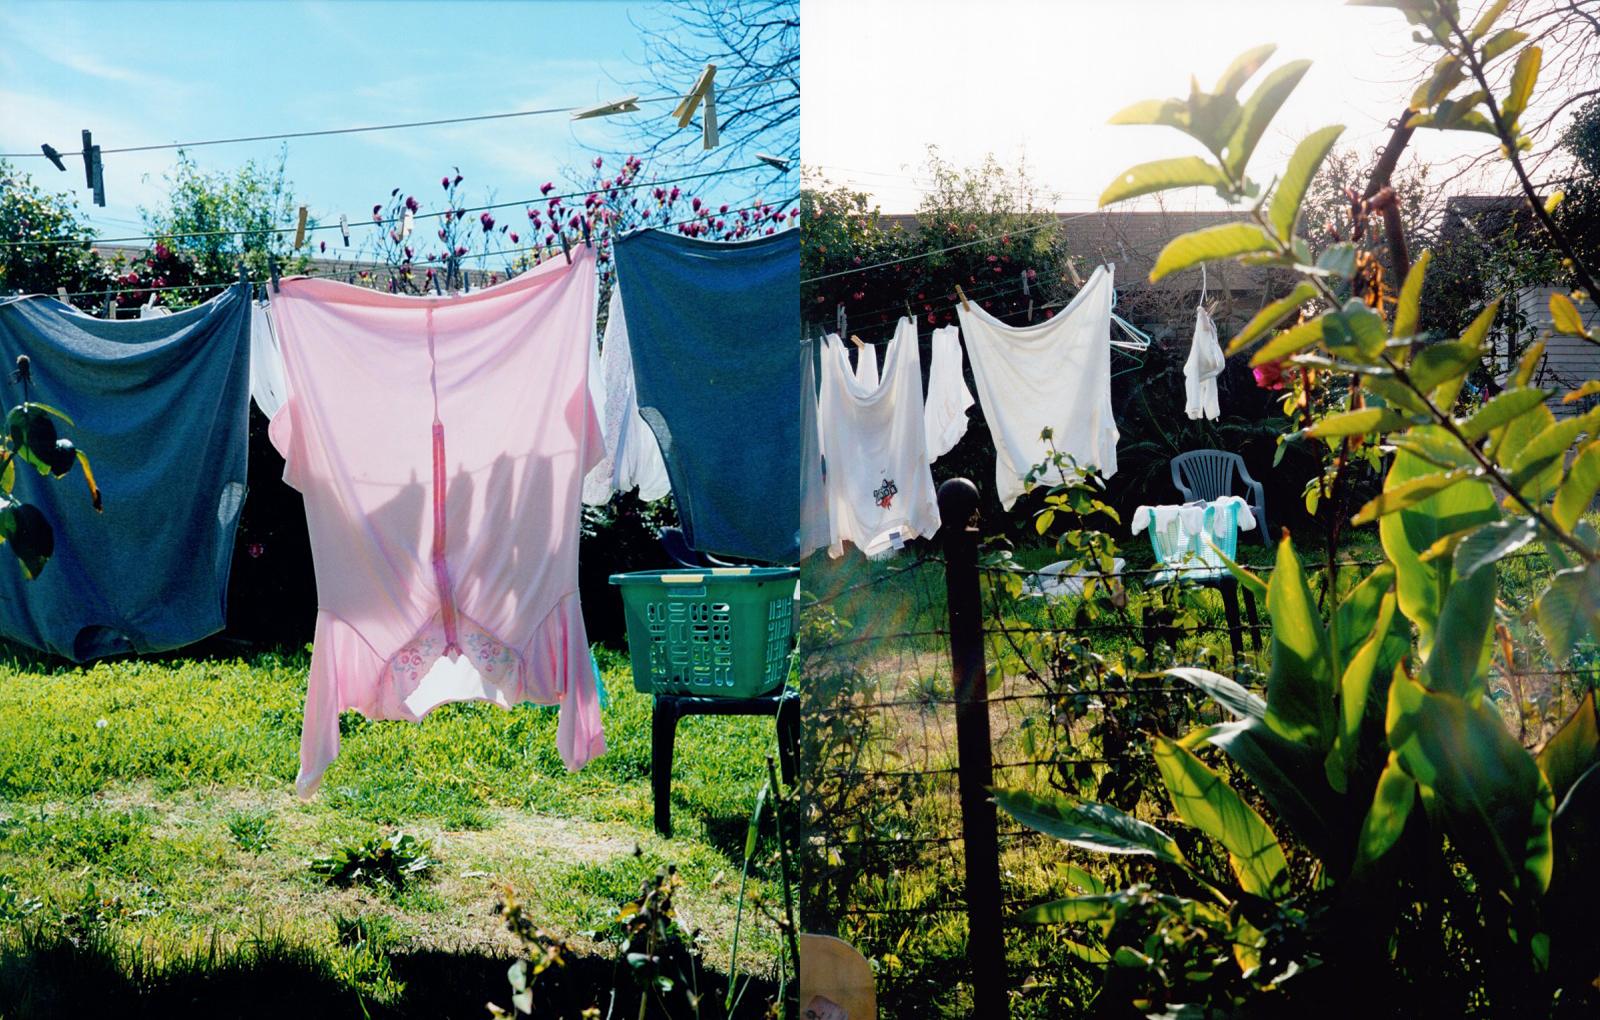 ec_backyard_10-11.jpg